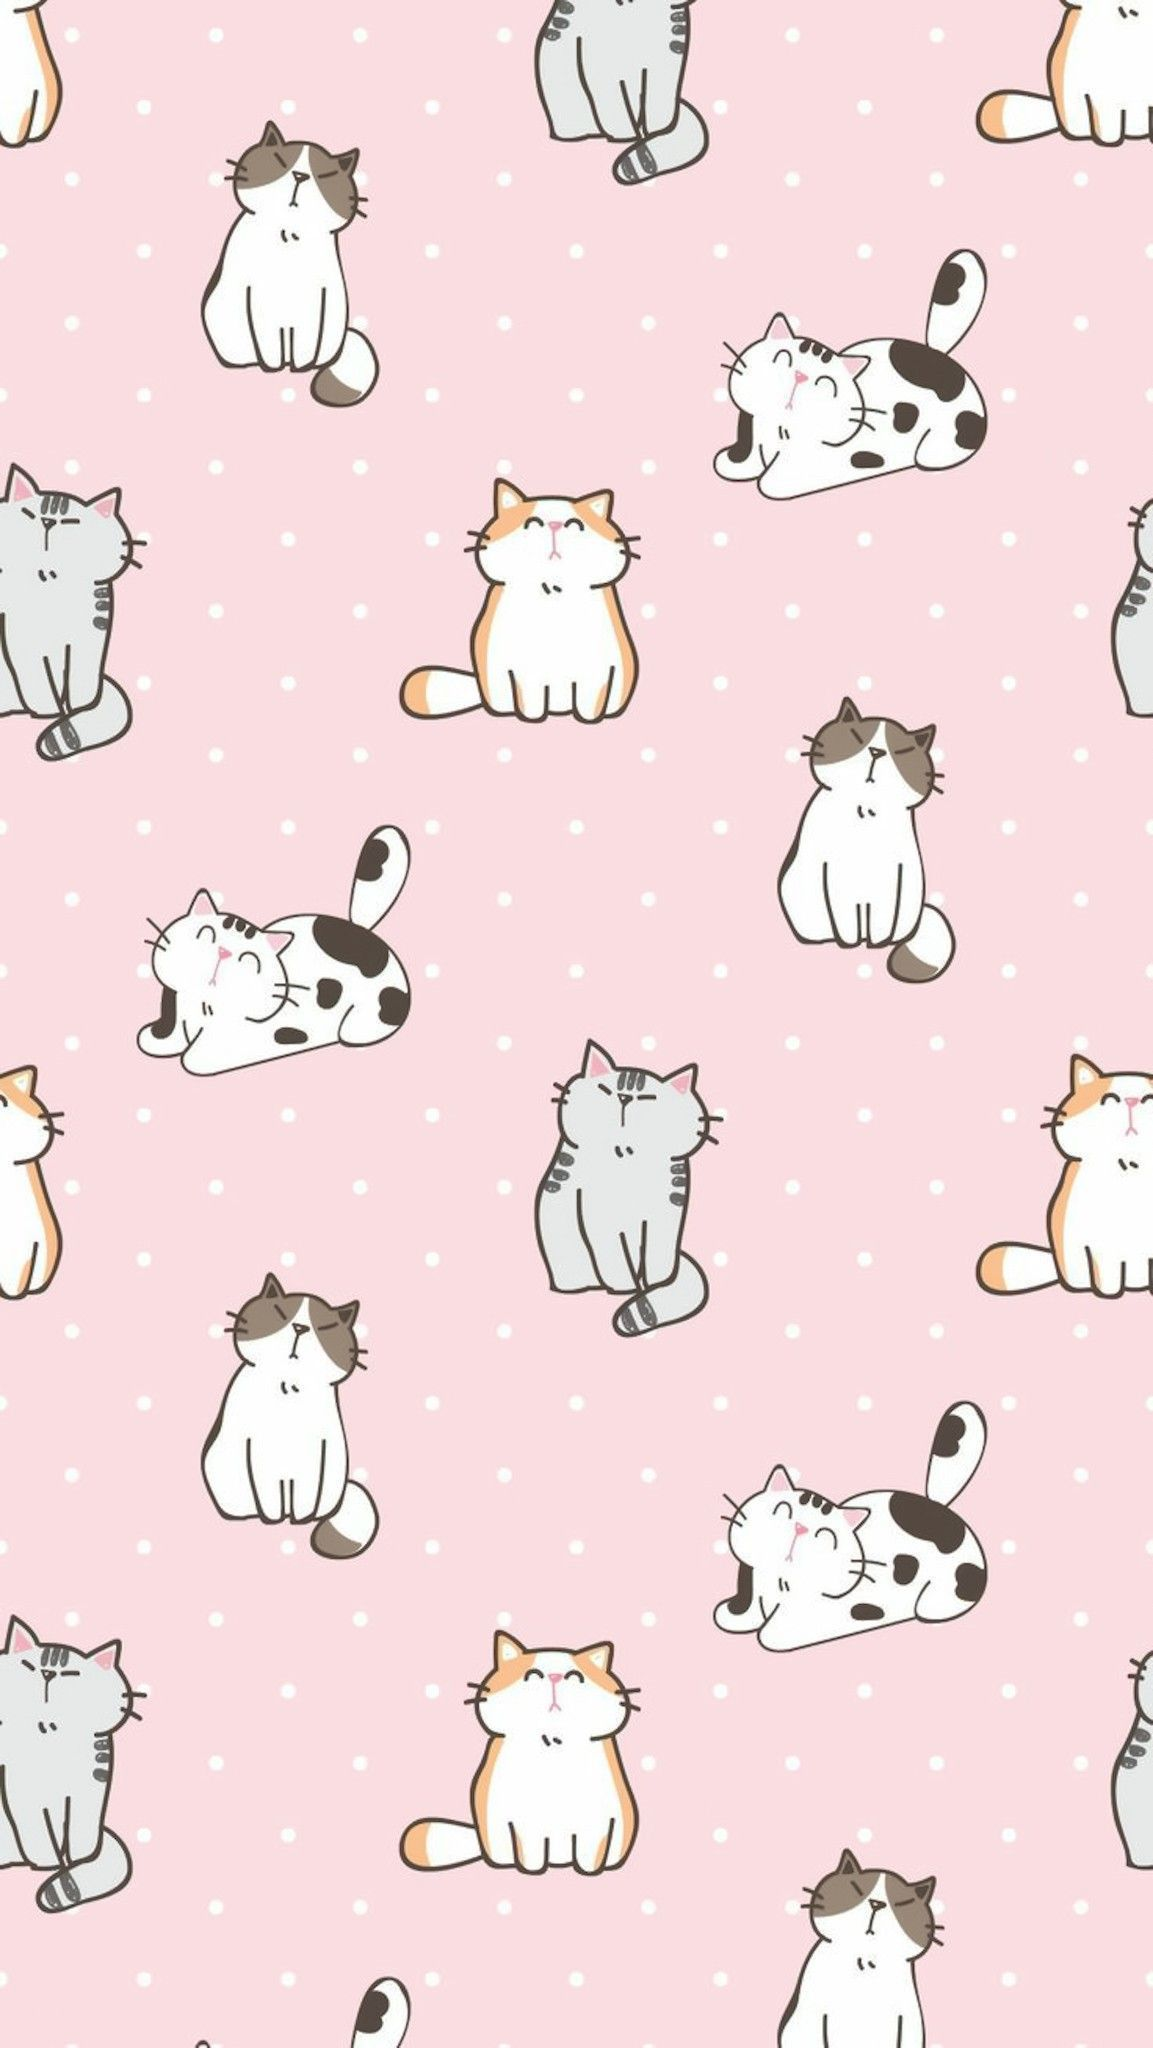 Wallpaper Cat Wallpaper Iphone Backgrounds Pattern Wallpaper Cute Pastel Wallpaper Cat Pattern Wallpaper Kawaii Wallpaper